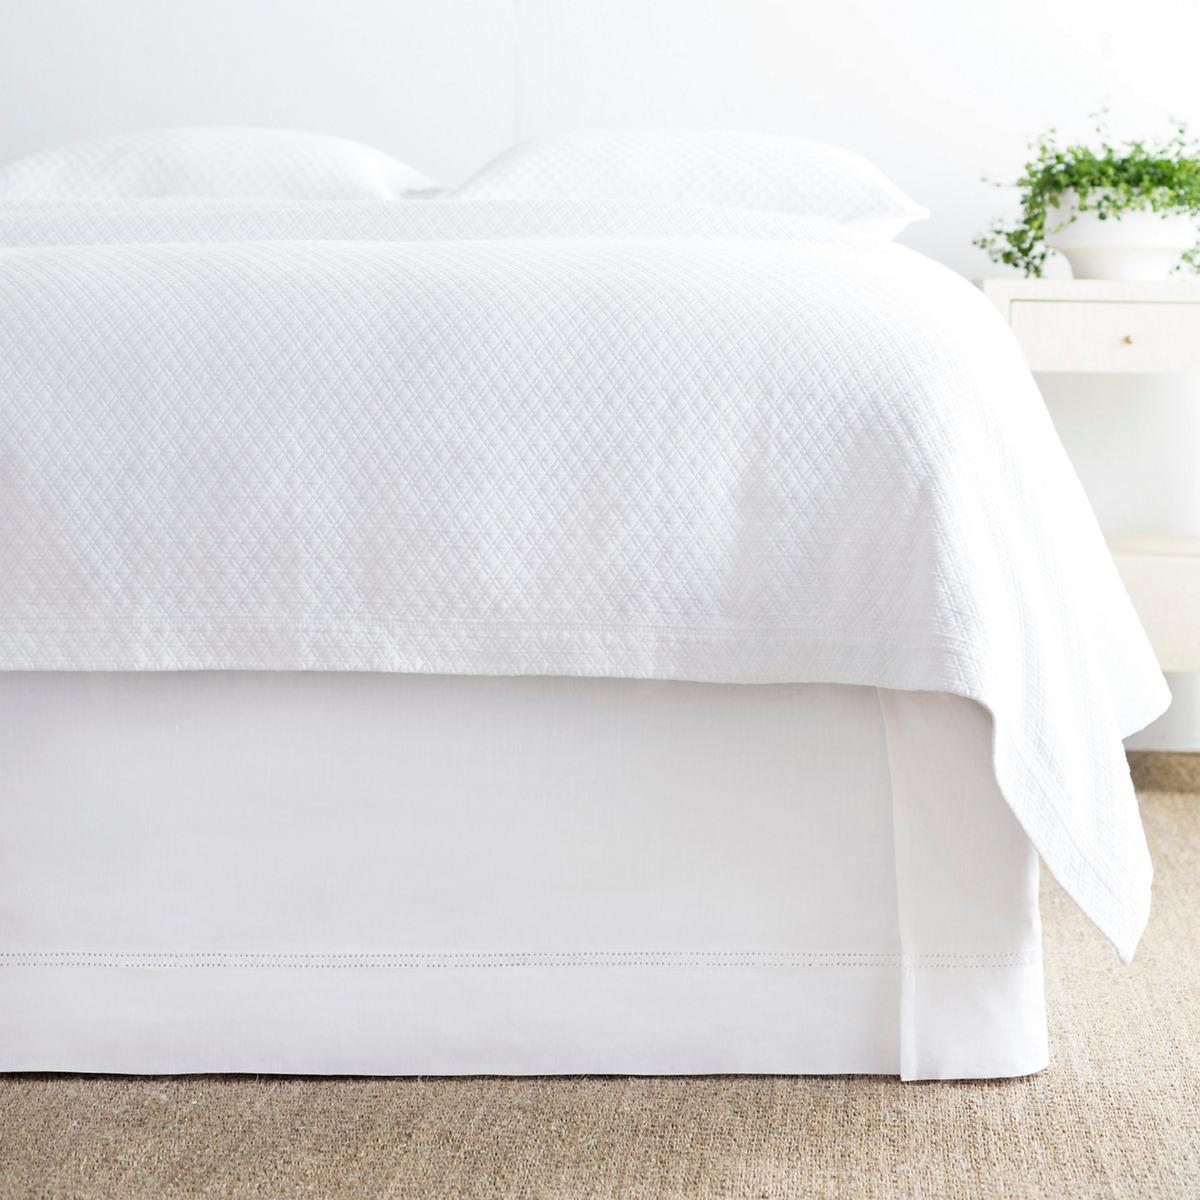 Heirloom Bed Skirt